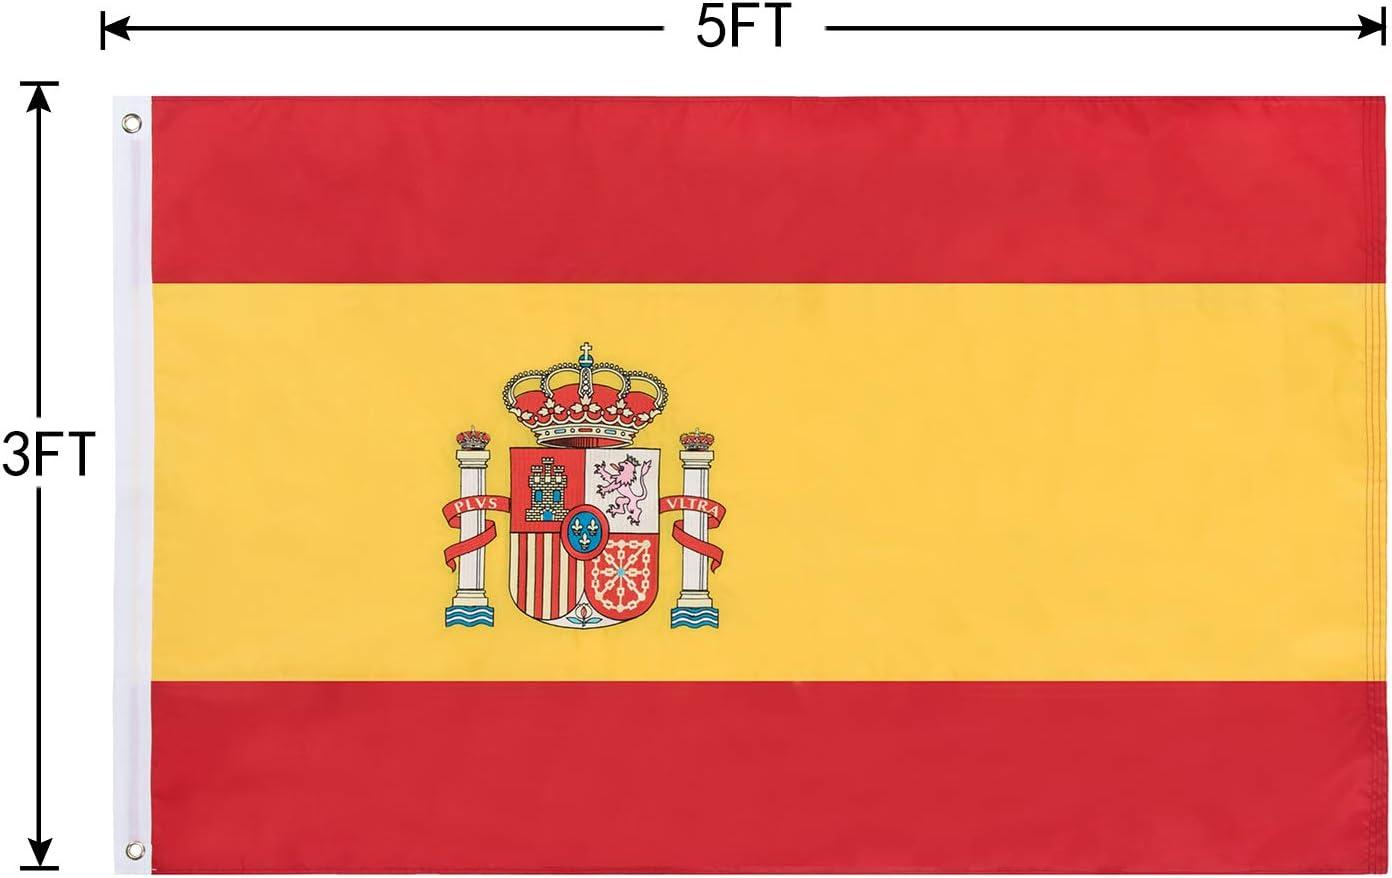 Lixure Bandera de España 5x3 Días Ventosos 5x3ft (150x90cm) Bandera Republicana Española Nylon 210D Durable para Exterior/Interior Bandera Decorativa Resistente a Rayos UVA: Amazon.es: Jardín